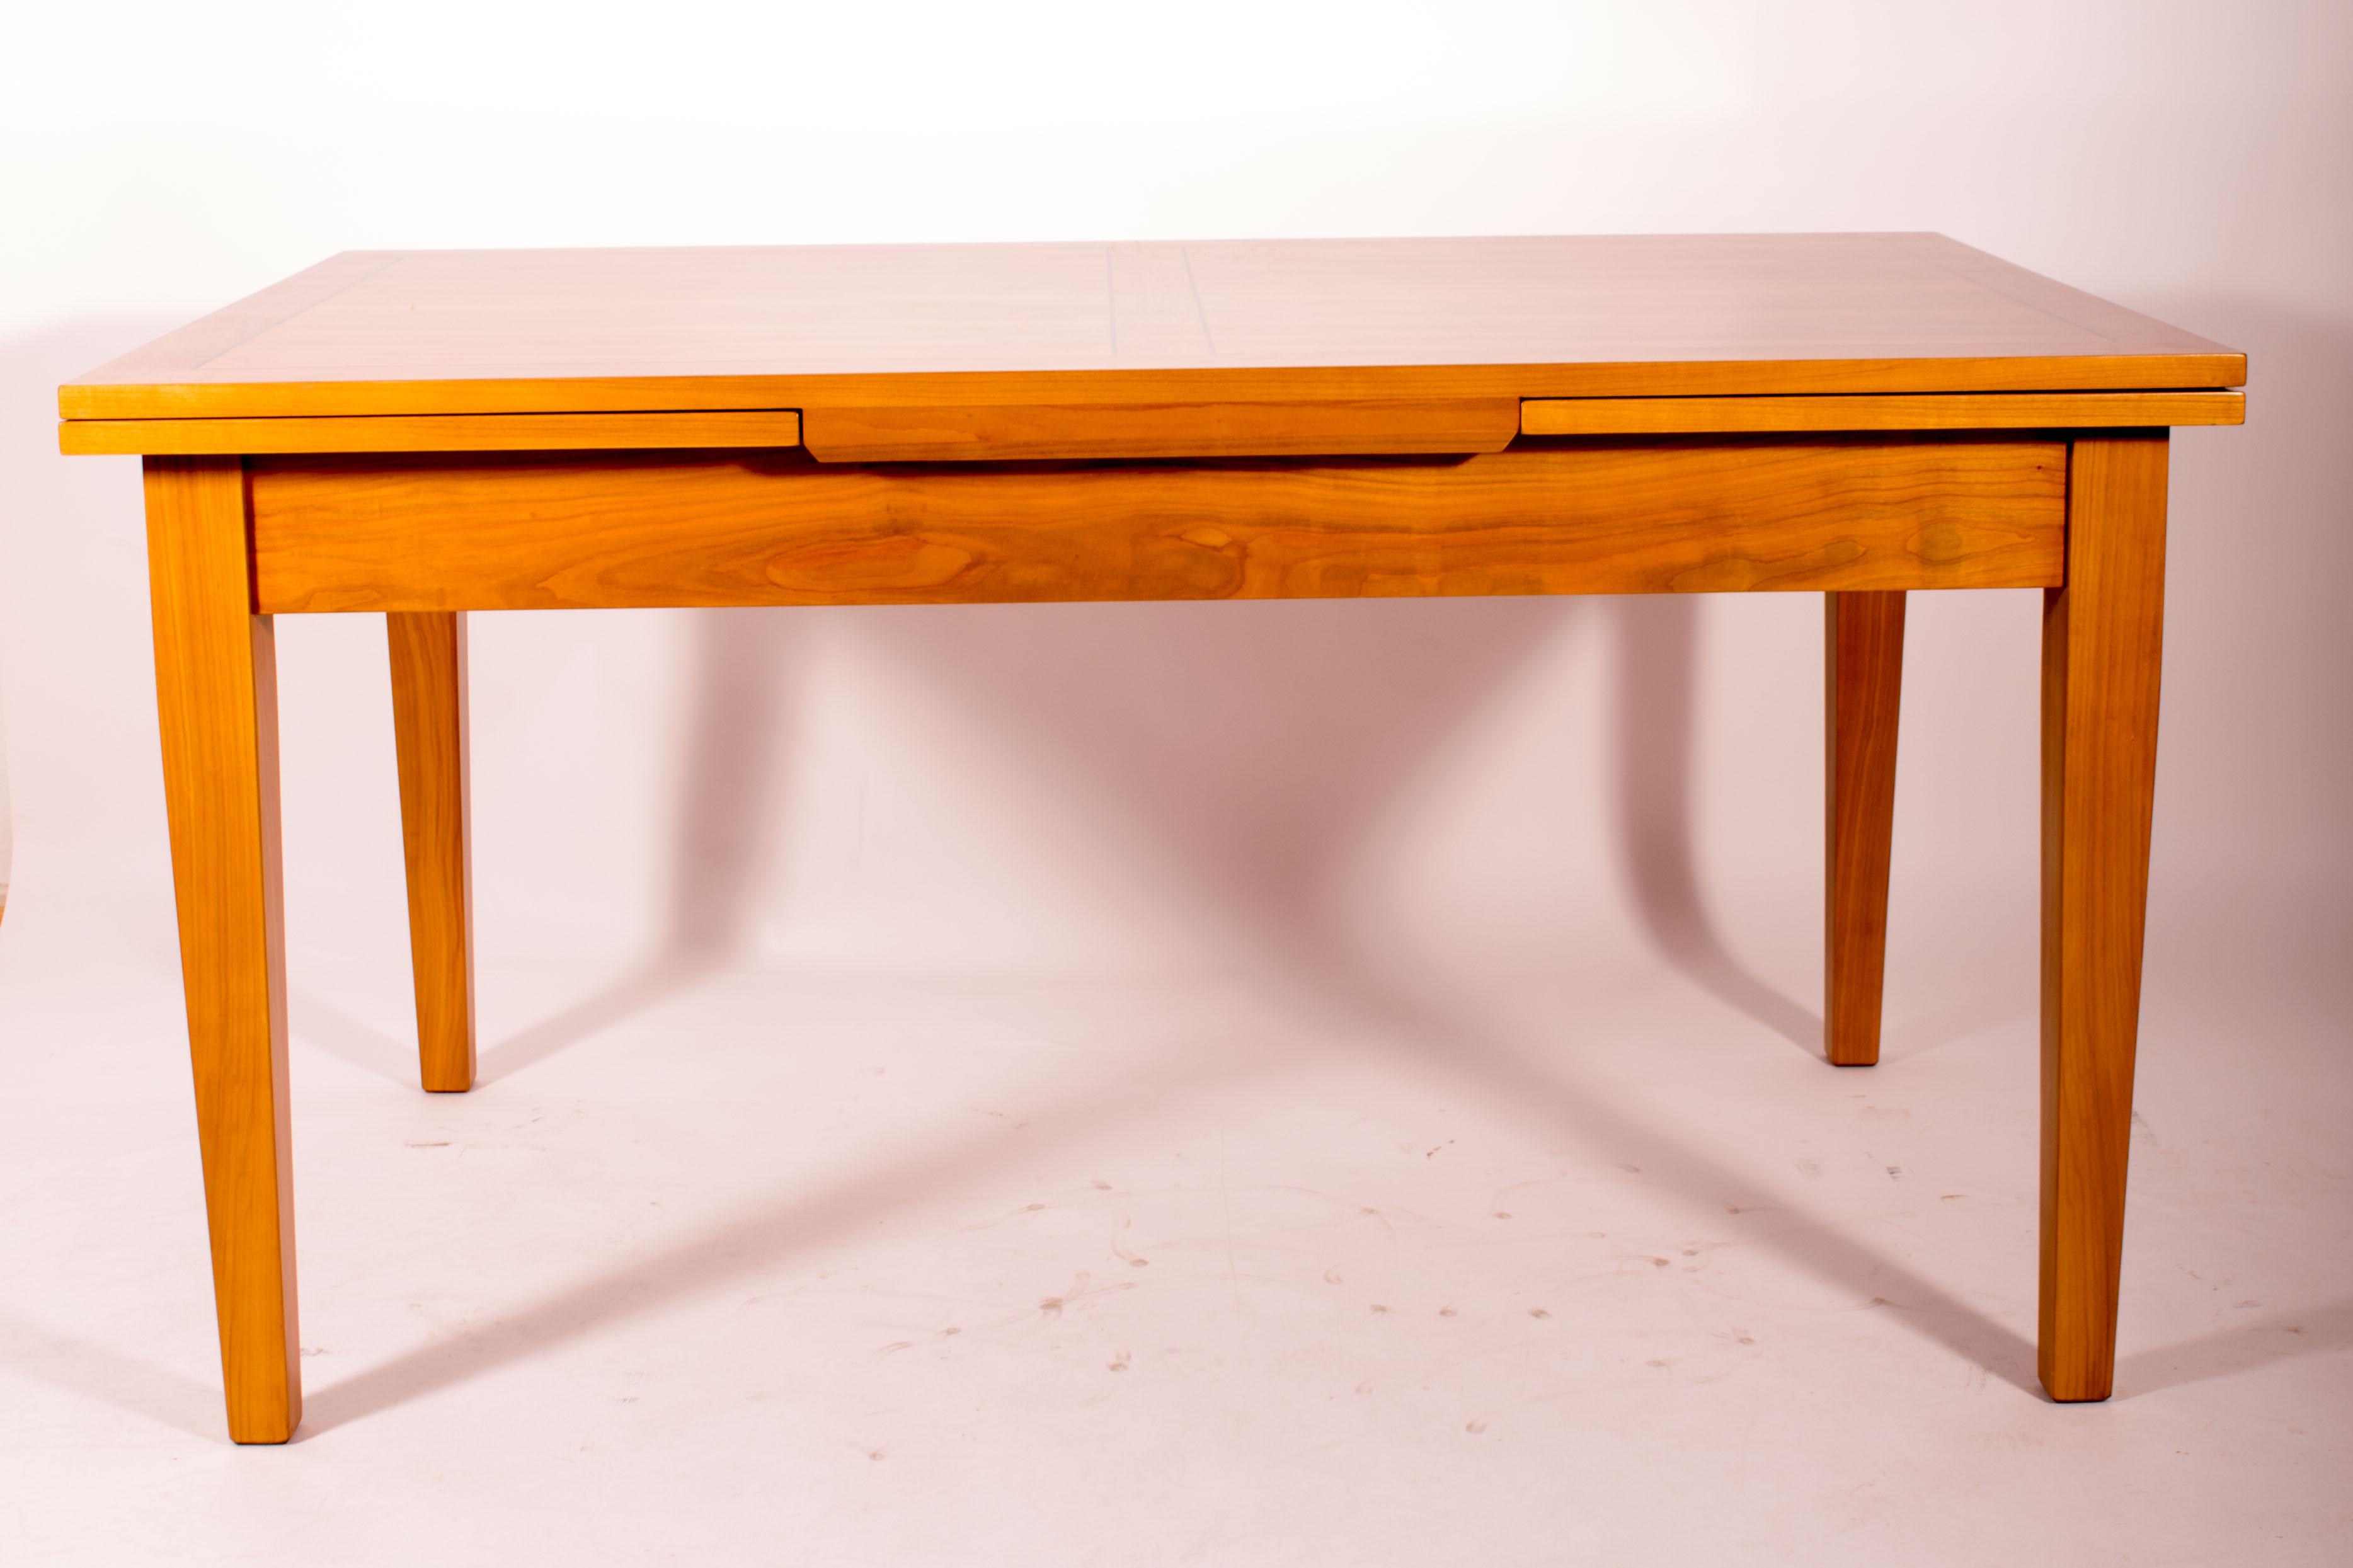 Ausziehbarer Tisch Im Biedermeier Stil Kirschbaum Antiquitaten Daniel C Nagel Bad Honnef